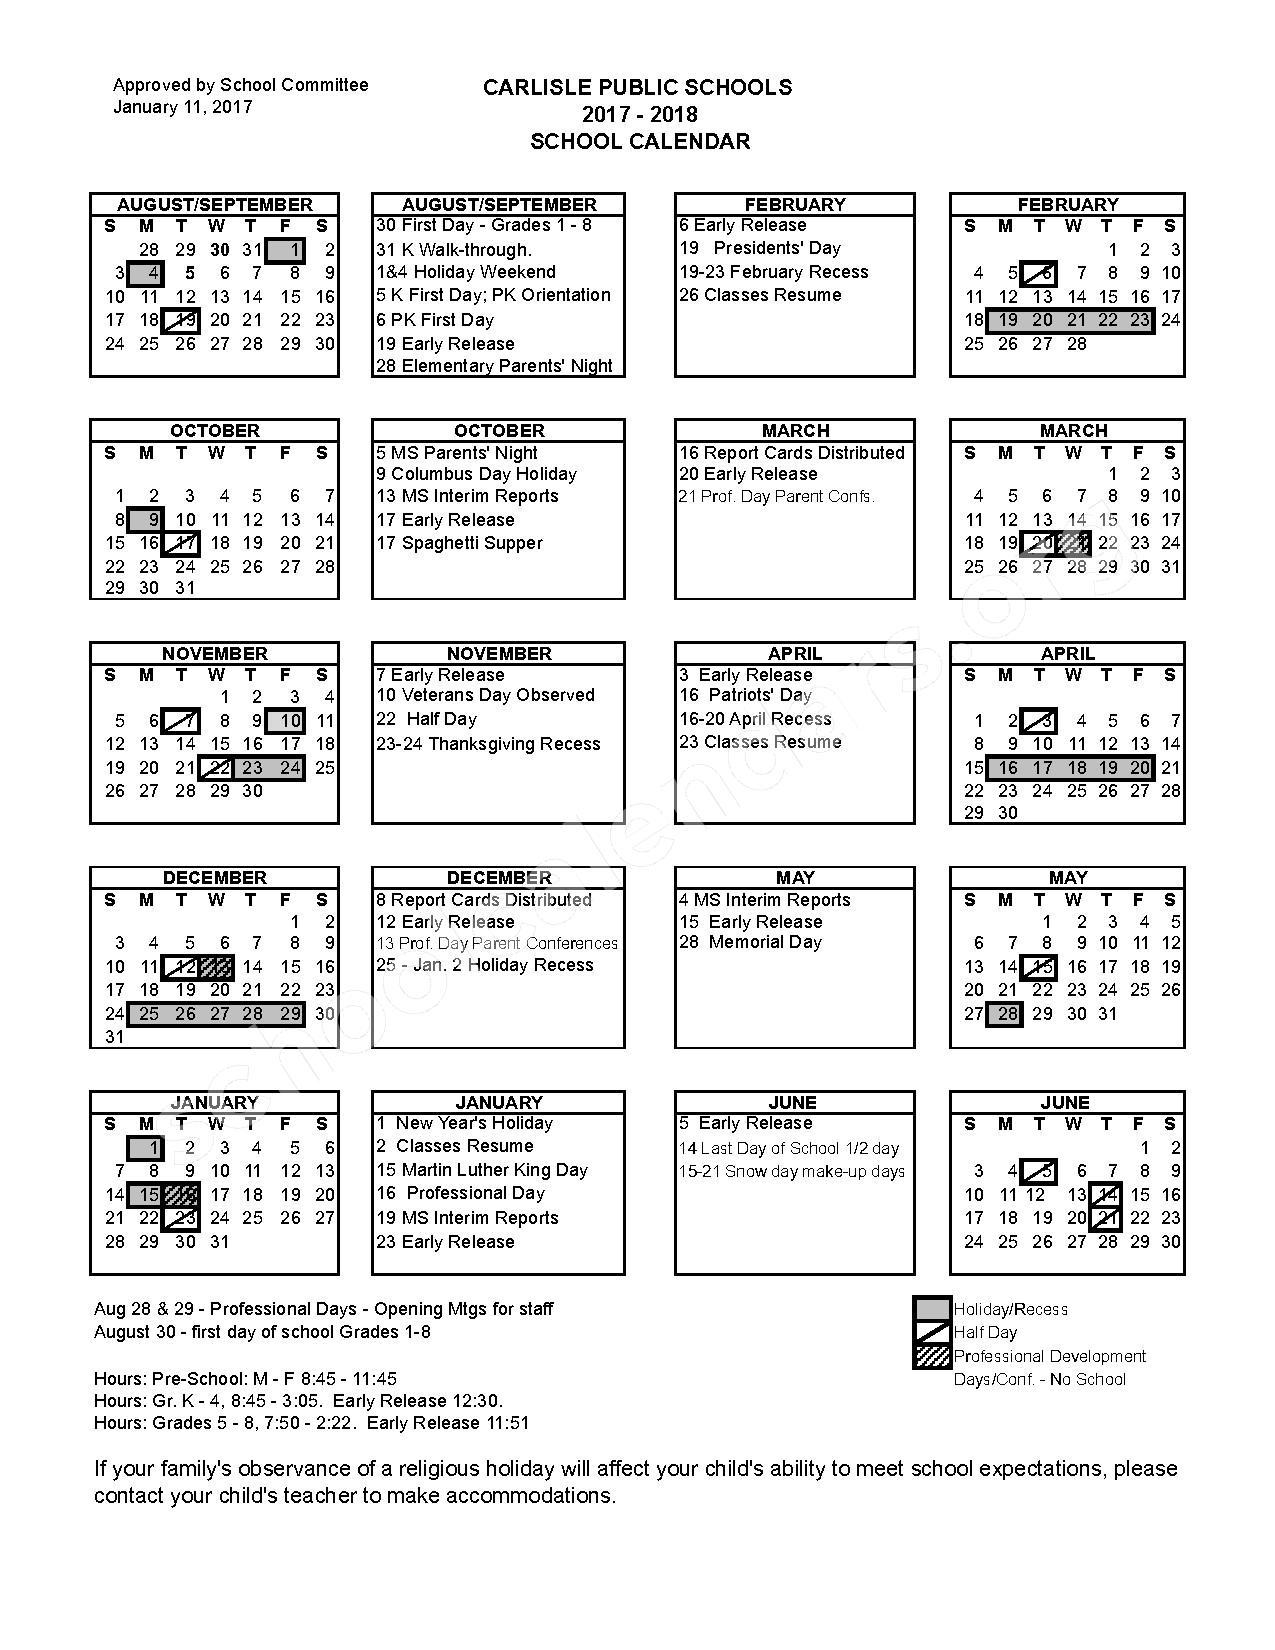 2017 - 2018 School Calendar – Carlisle Public Schools – page 1